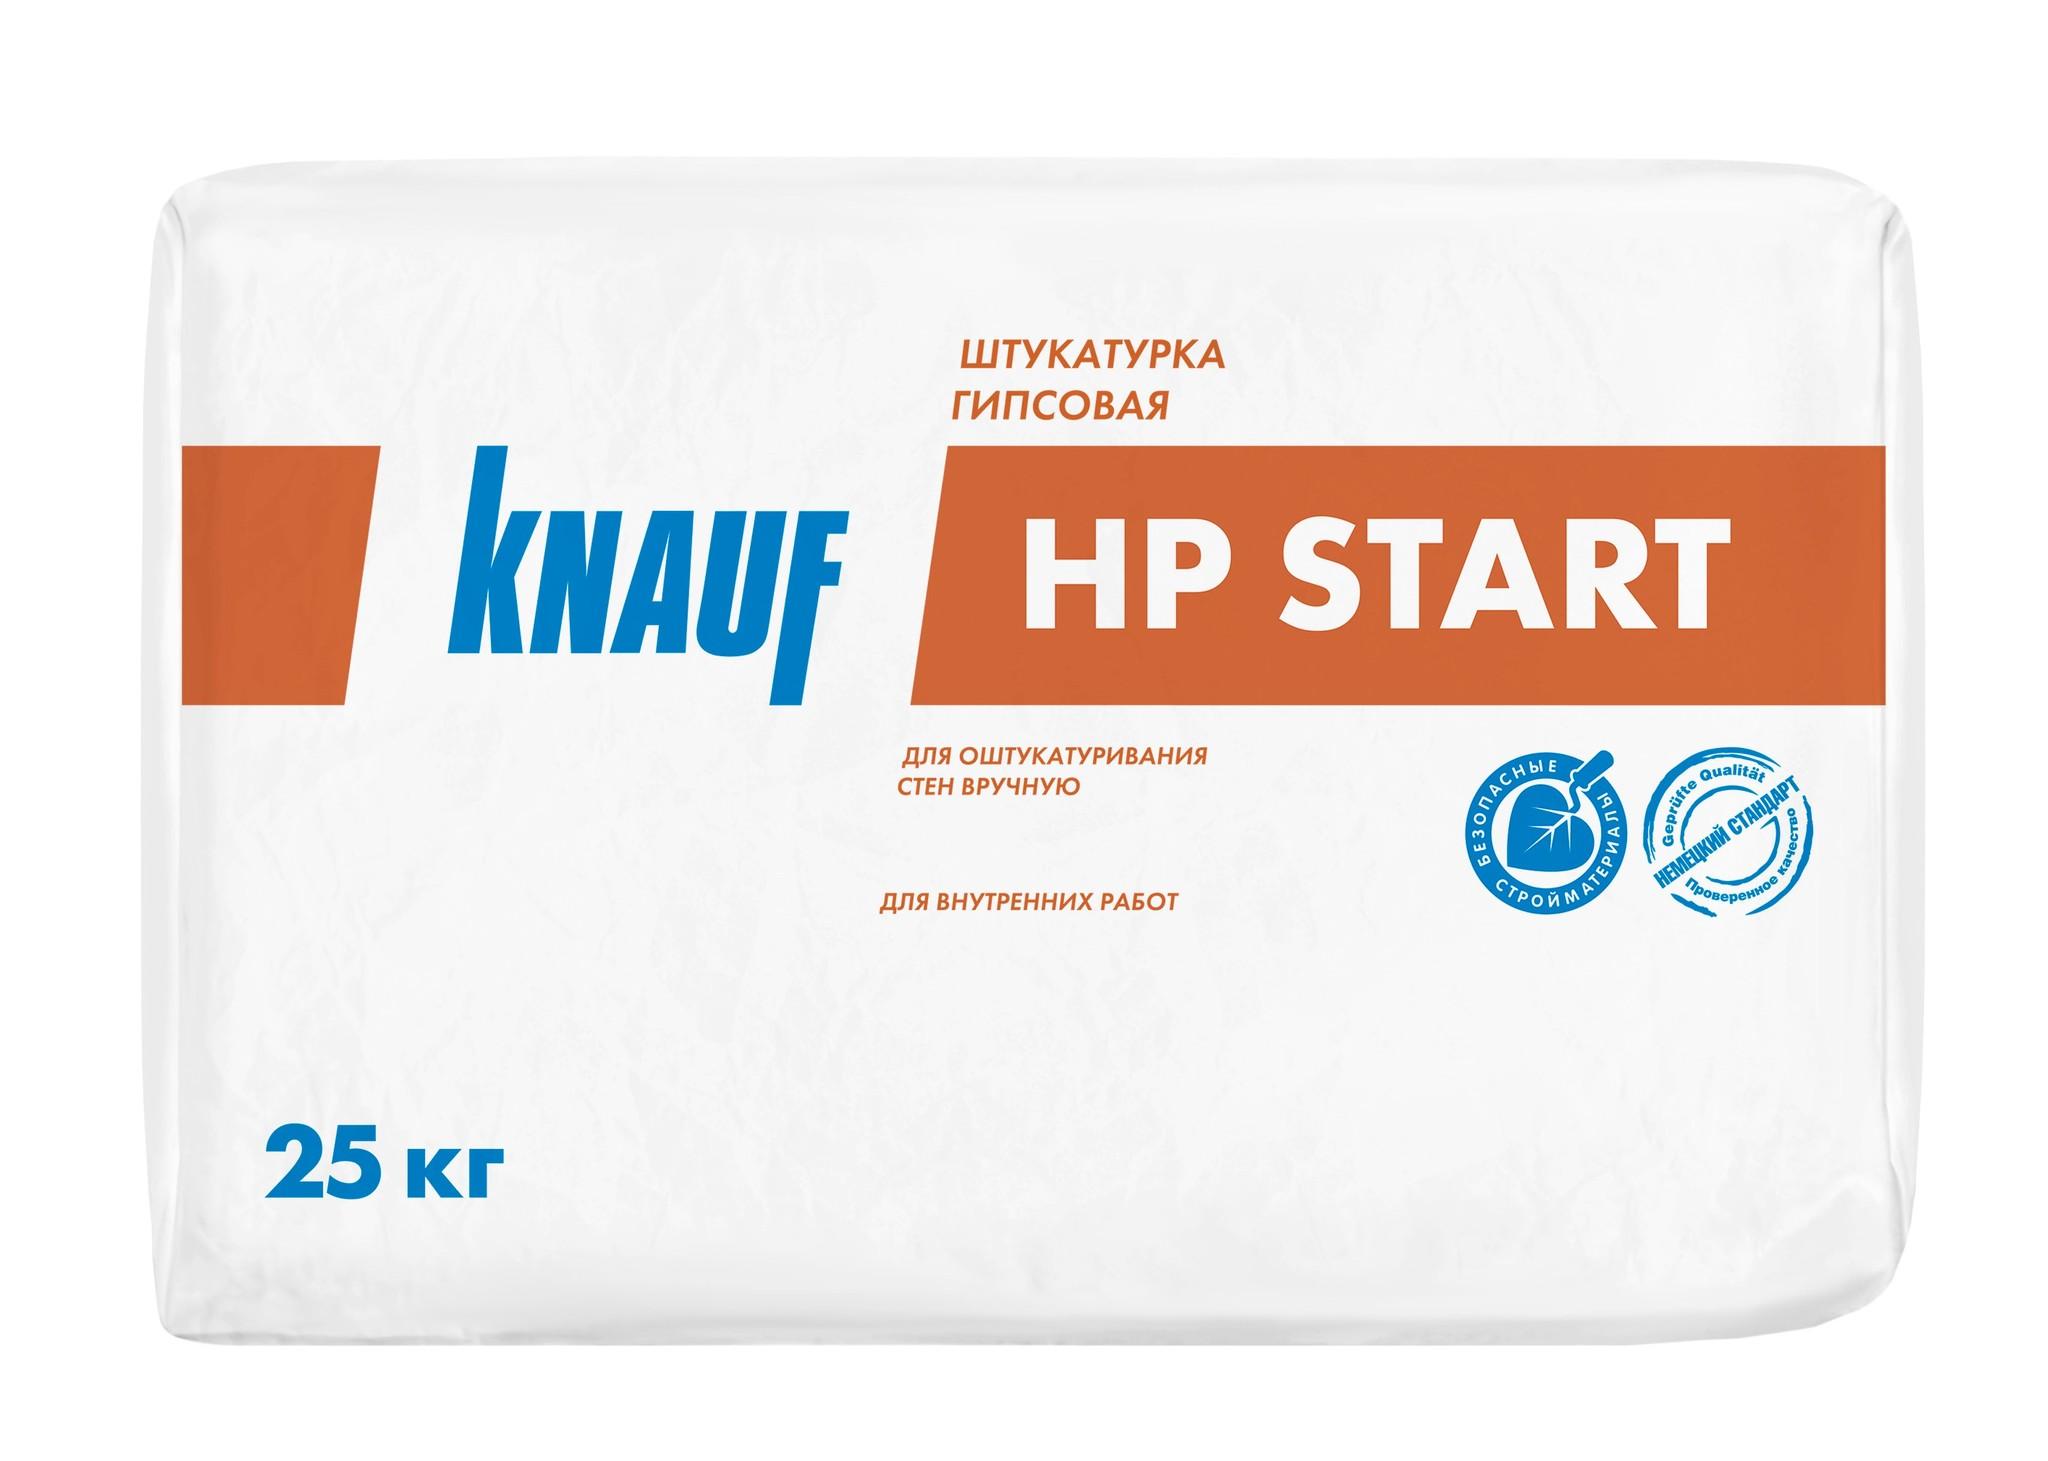 Штукатурки Гипсовая штукатурка Knauf ХП Старт для внутренних работ, 25 кг 4f266e5b2fd34c9f8c7d285a6bdfce75.jpg